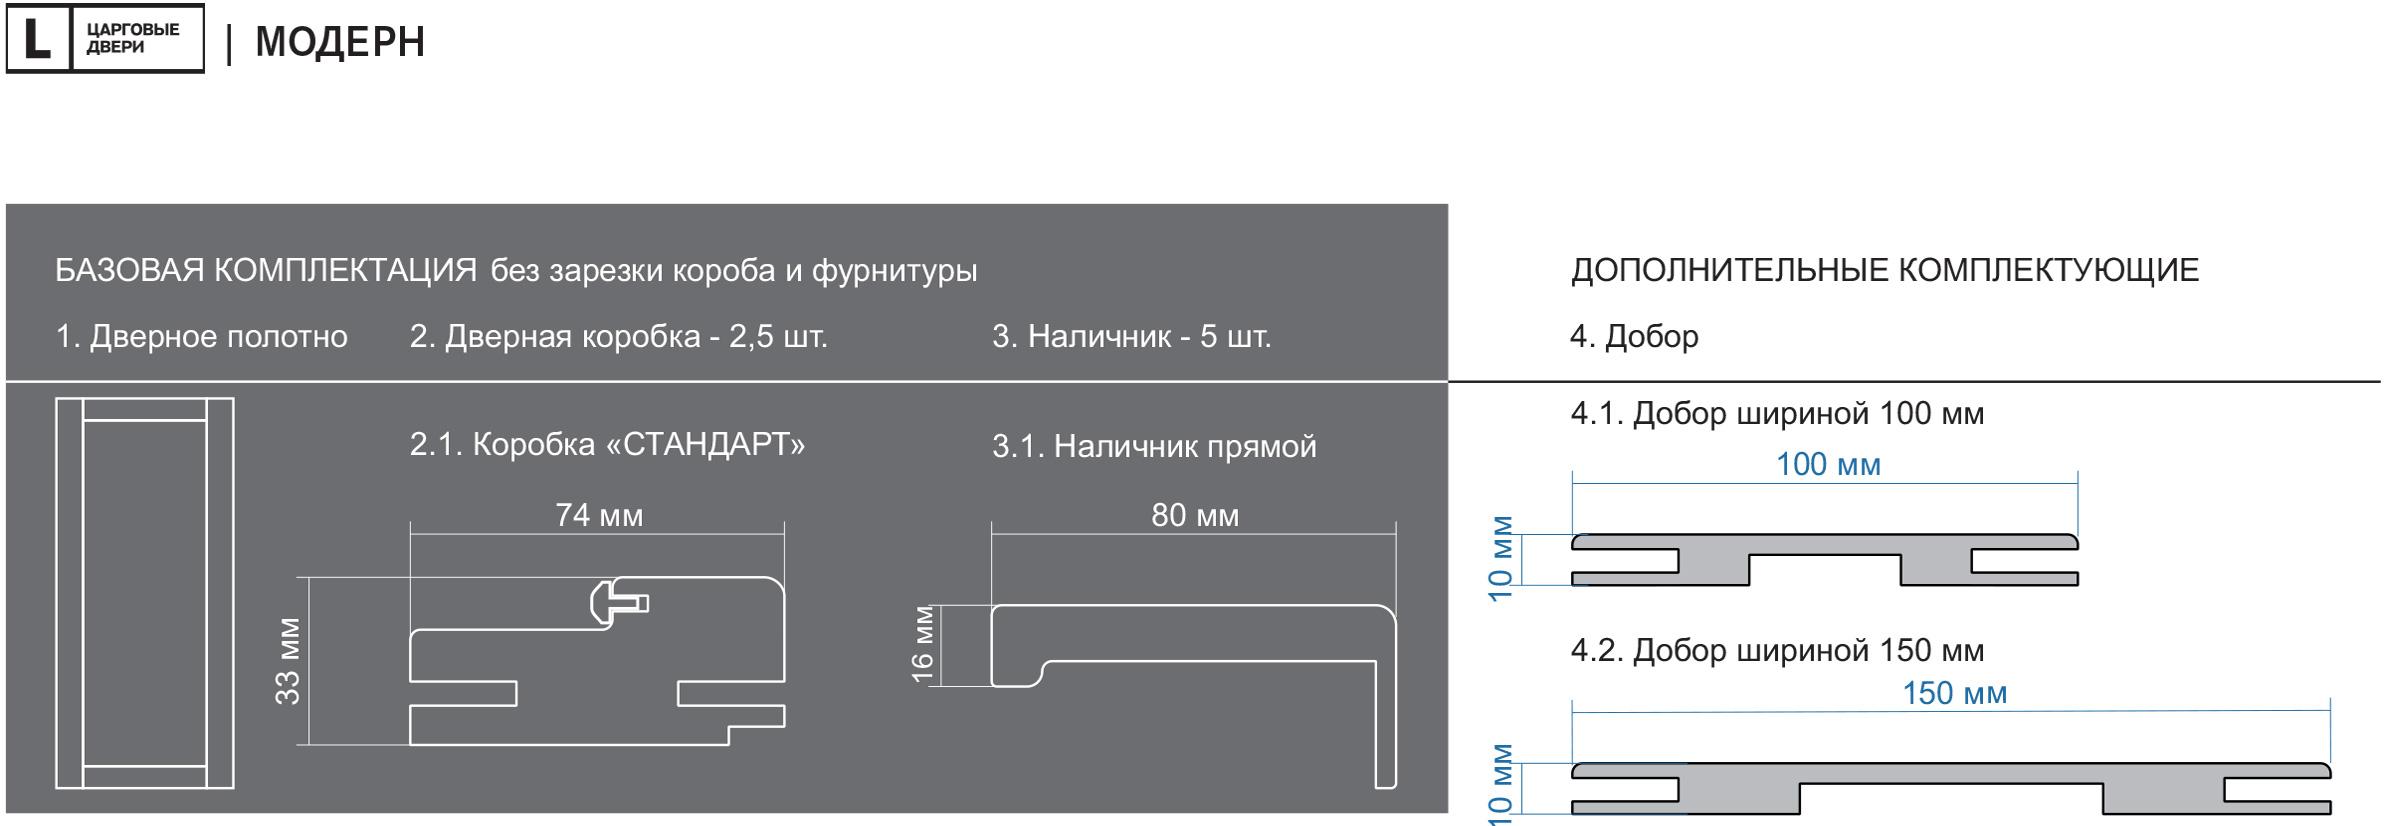 Базовая и дополнительная комплектация L Модерн